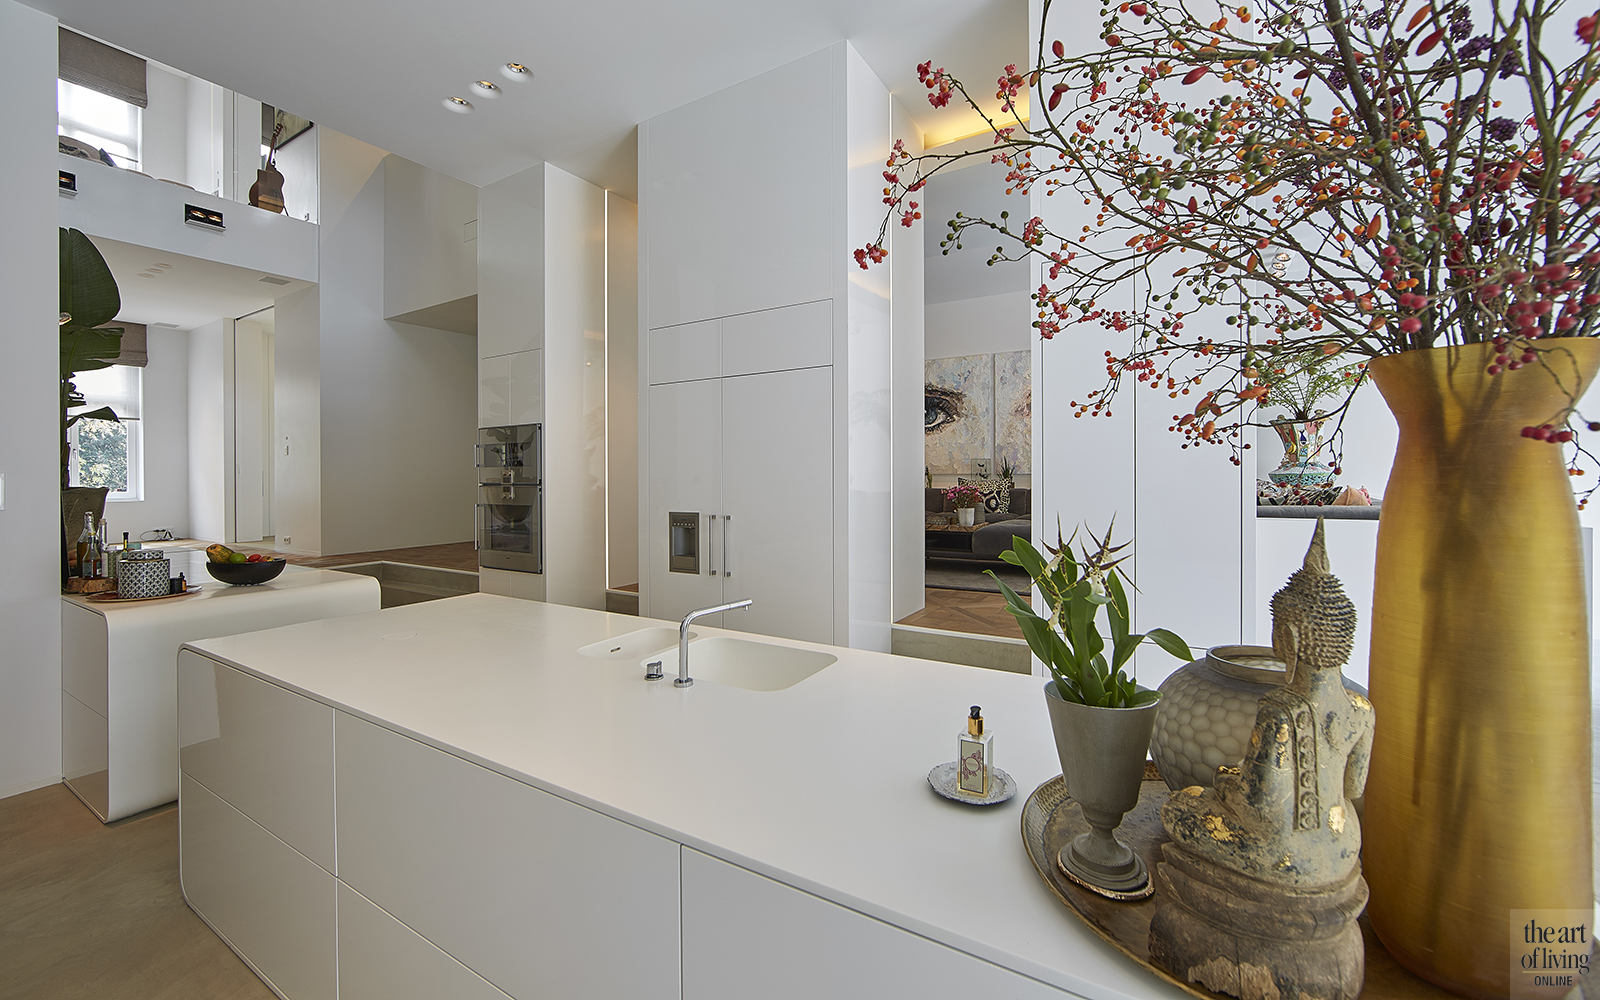 Moderne Kunst Keuken : 10 unieke keukens the art of living nl